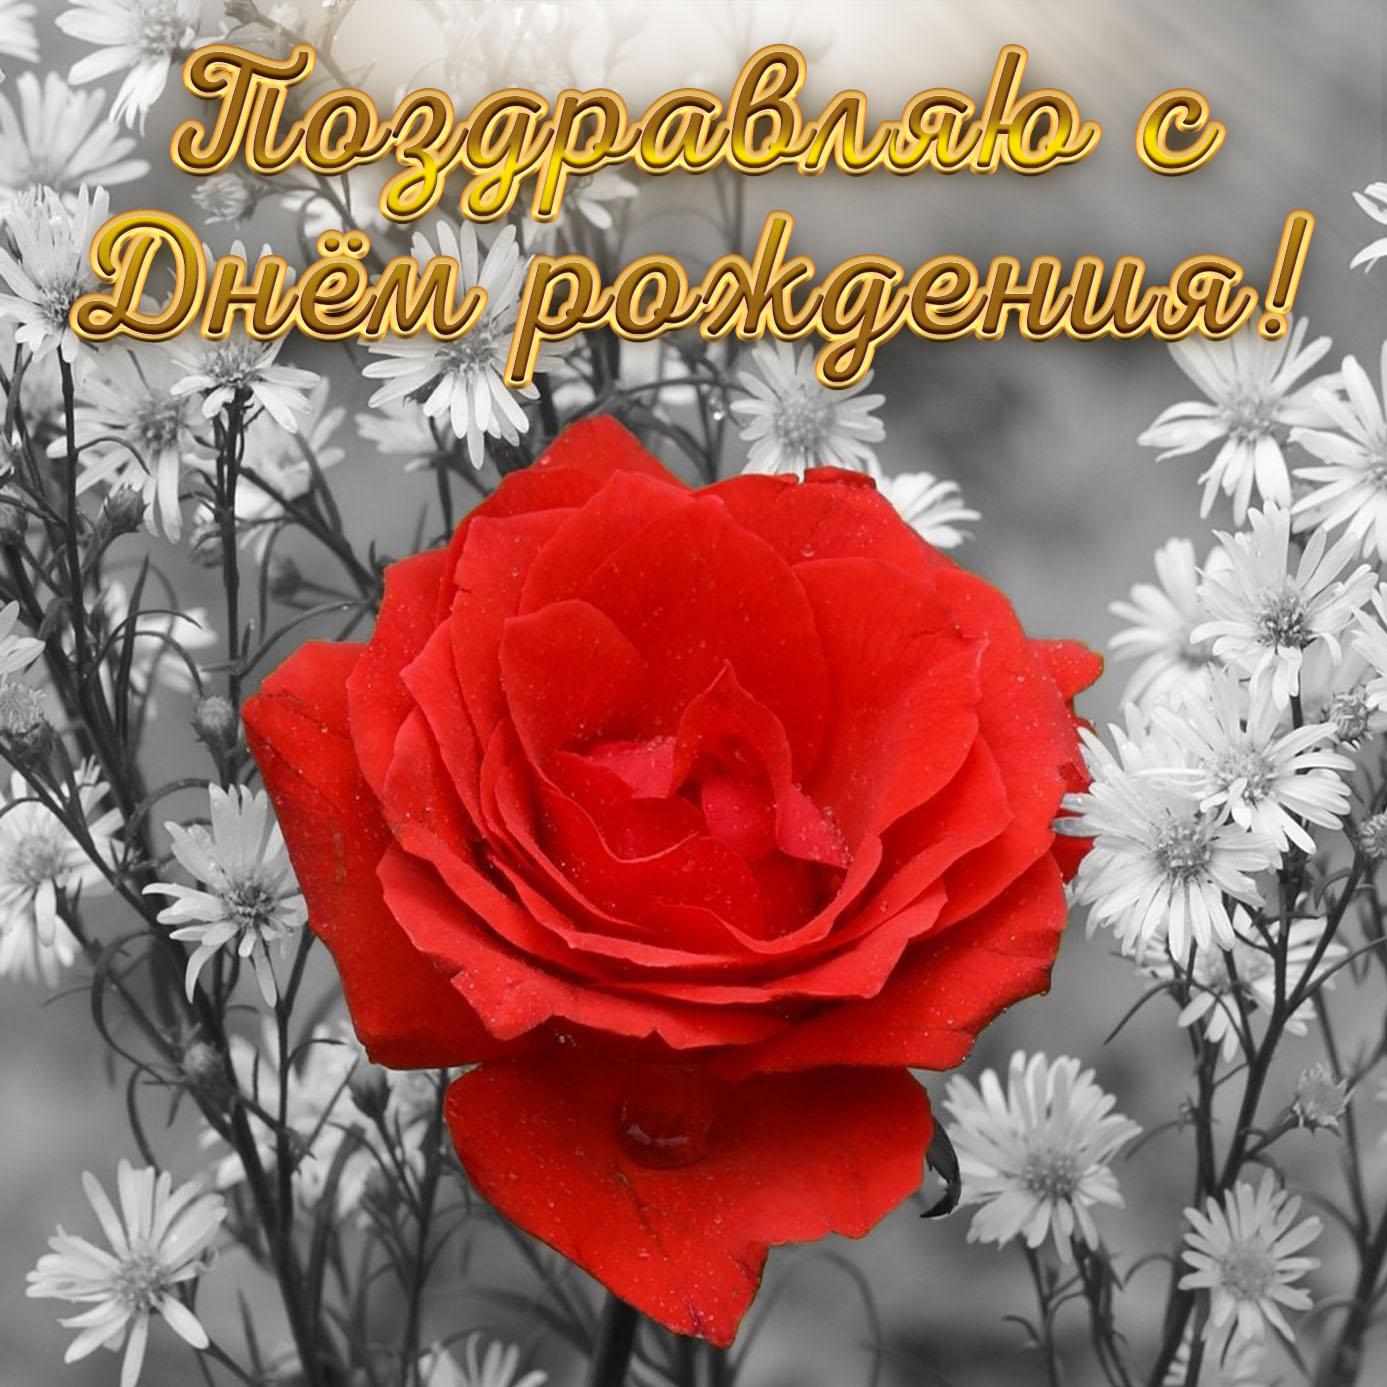 Картинка с красной розой на День рождения